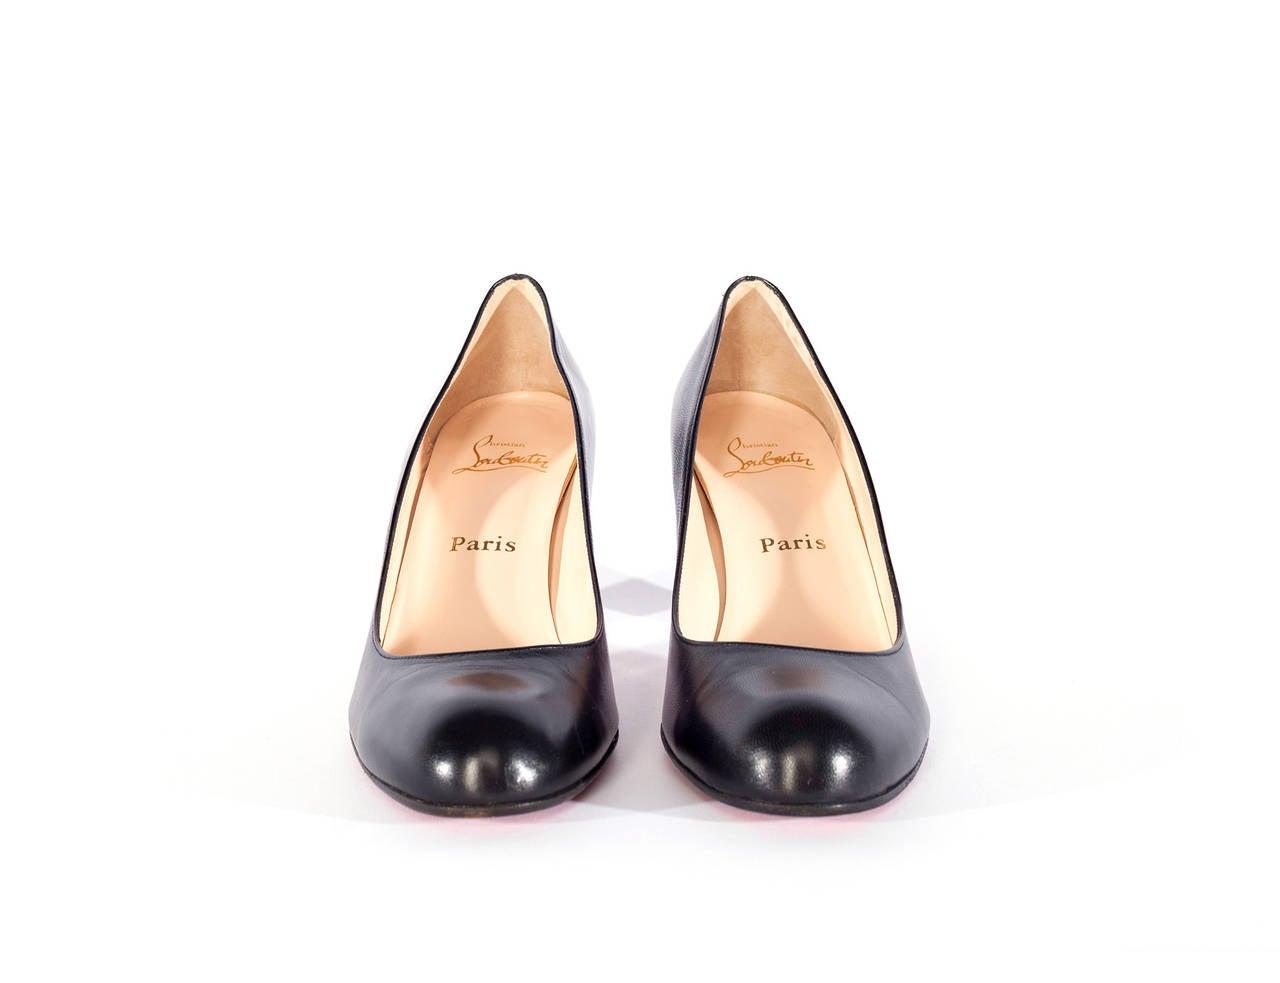 replica christian louboutin shoes cheap - christian louboutin mistica 60 pumps, christian louboutin shoes ...